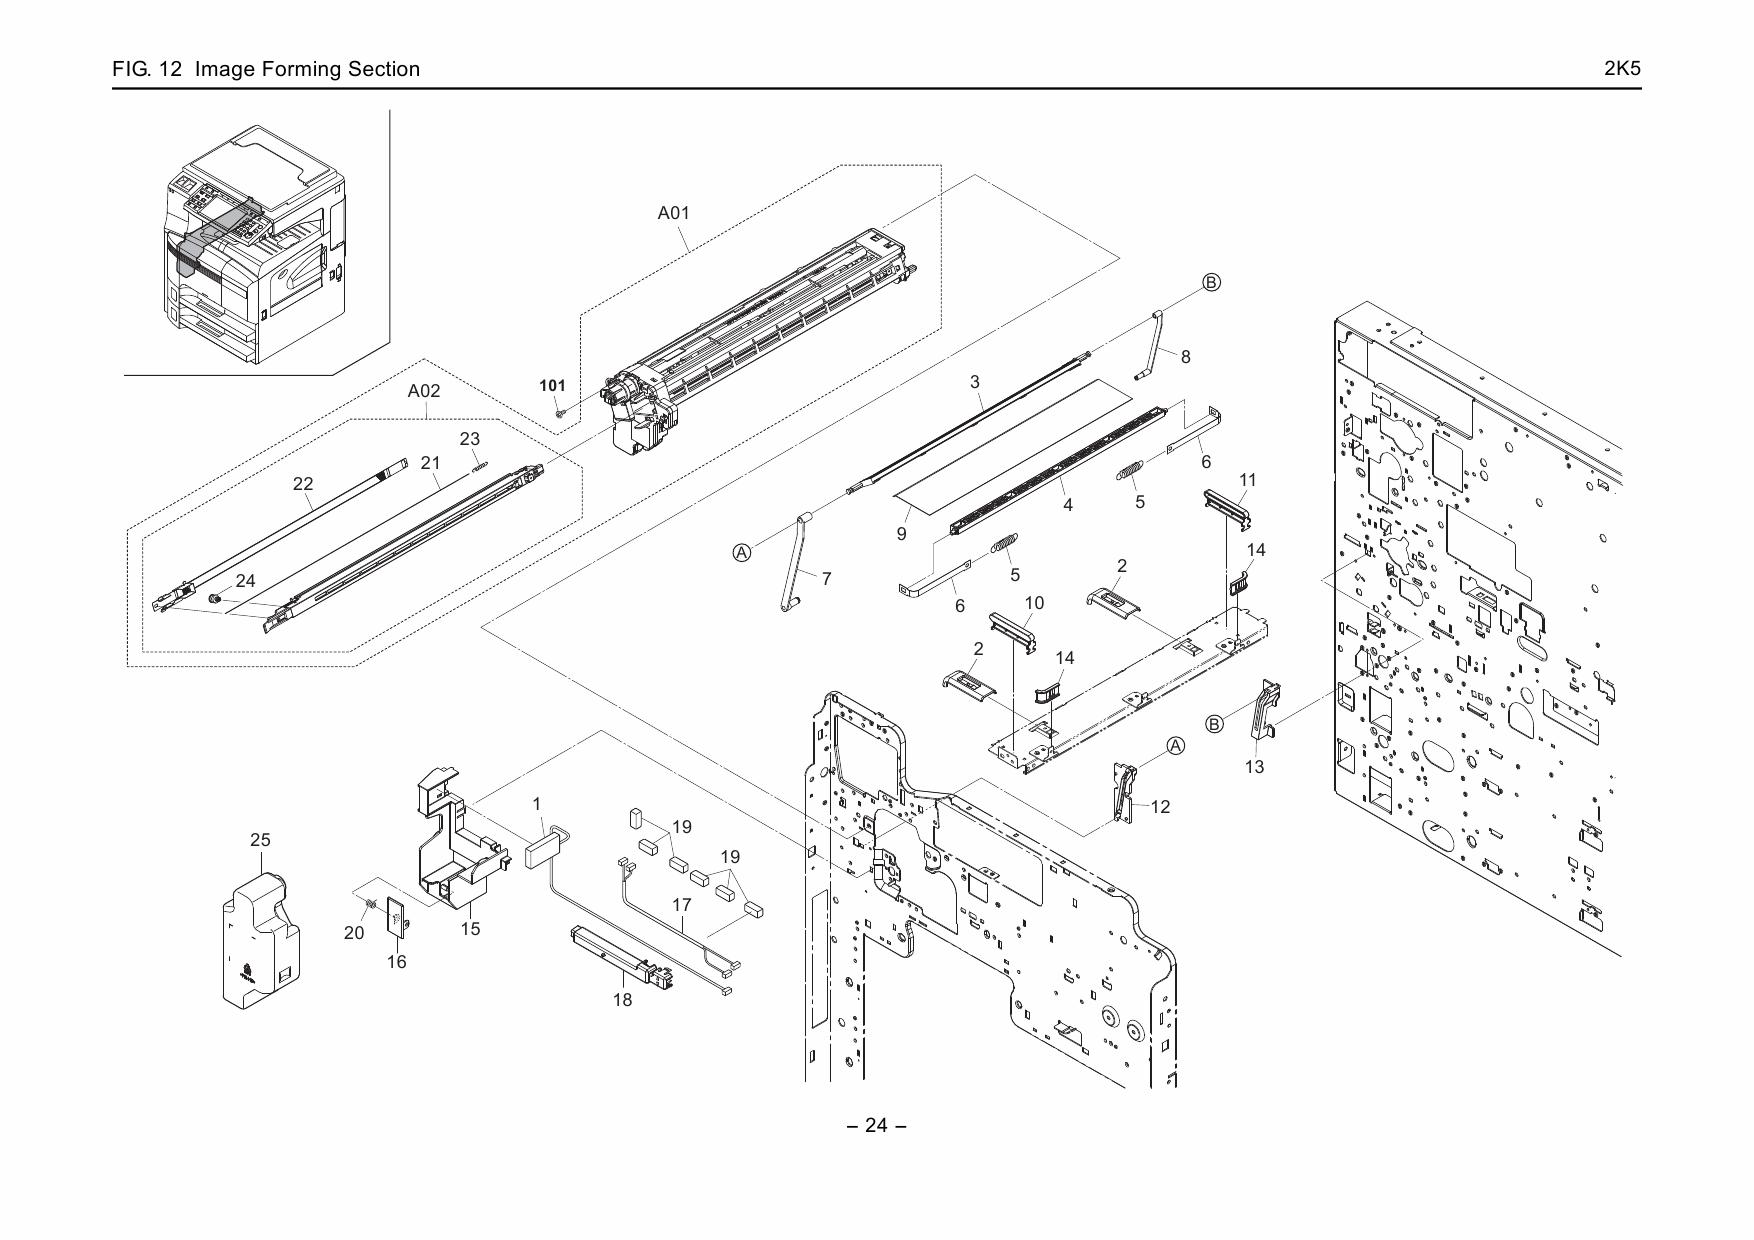 KYOCERA LaserPrinter Copystar-CS-300i Parts and Service Manual